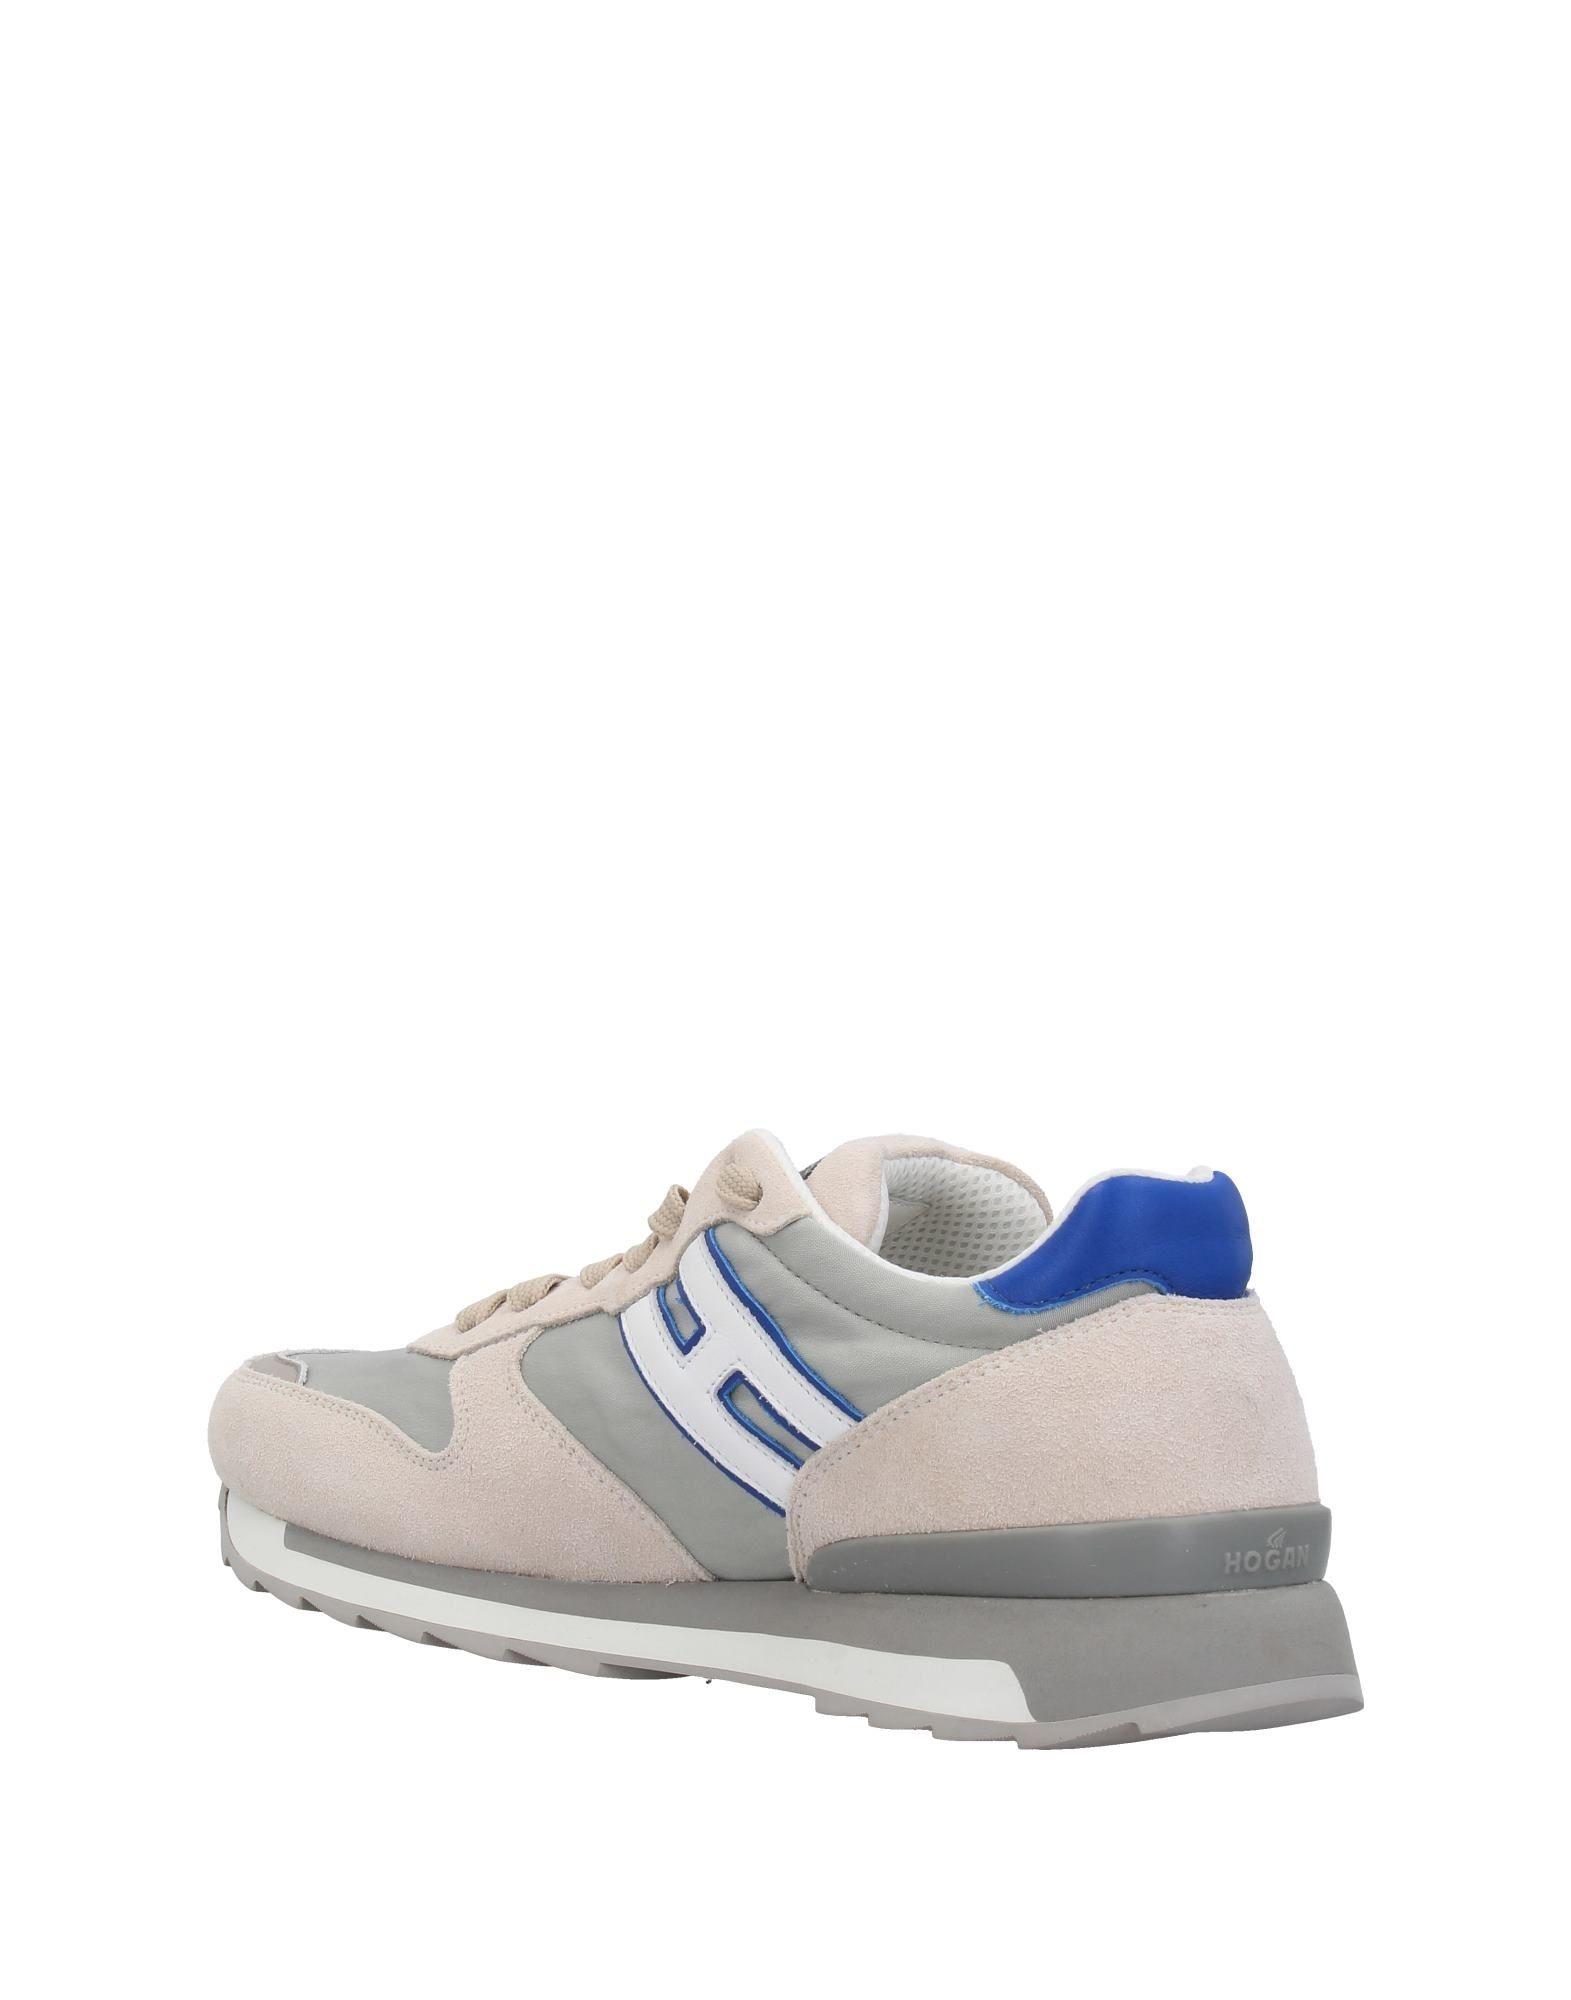 Hogan Rebel Gute Sneakers Herren  11398134PB Gute Rebel Qualität beliebte Schuhe 10a9bb